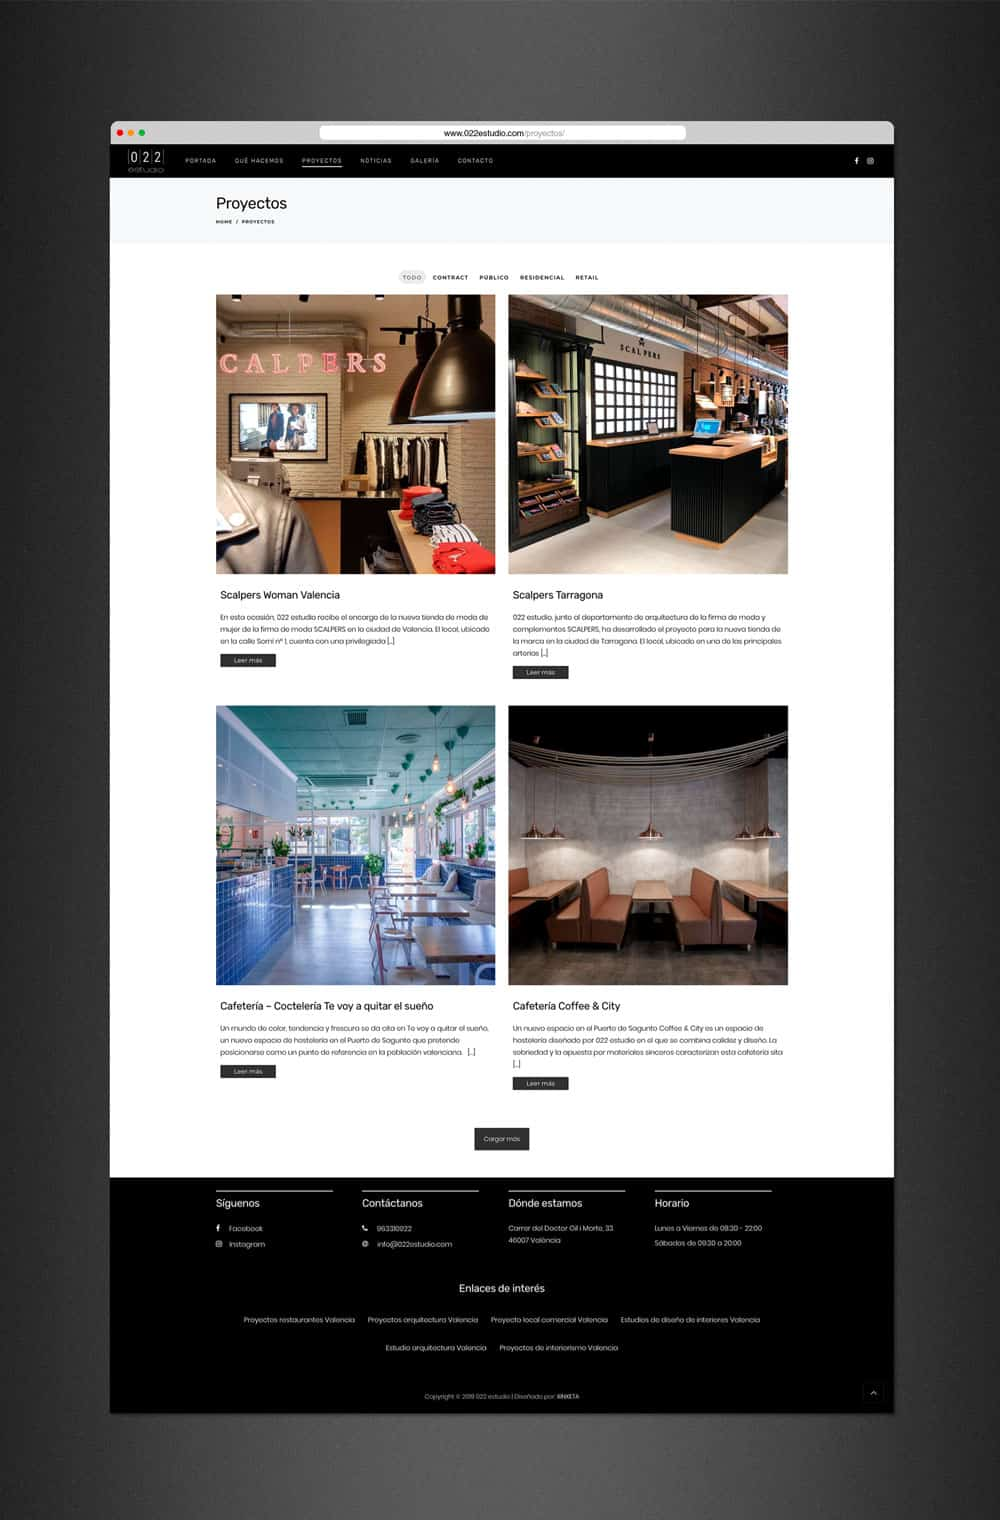 022 Estudio - Desarrollo web